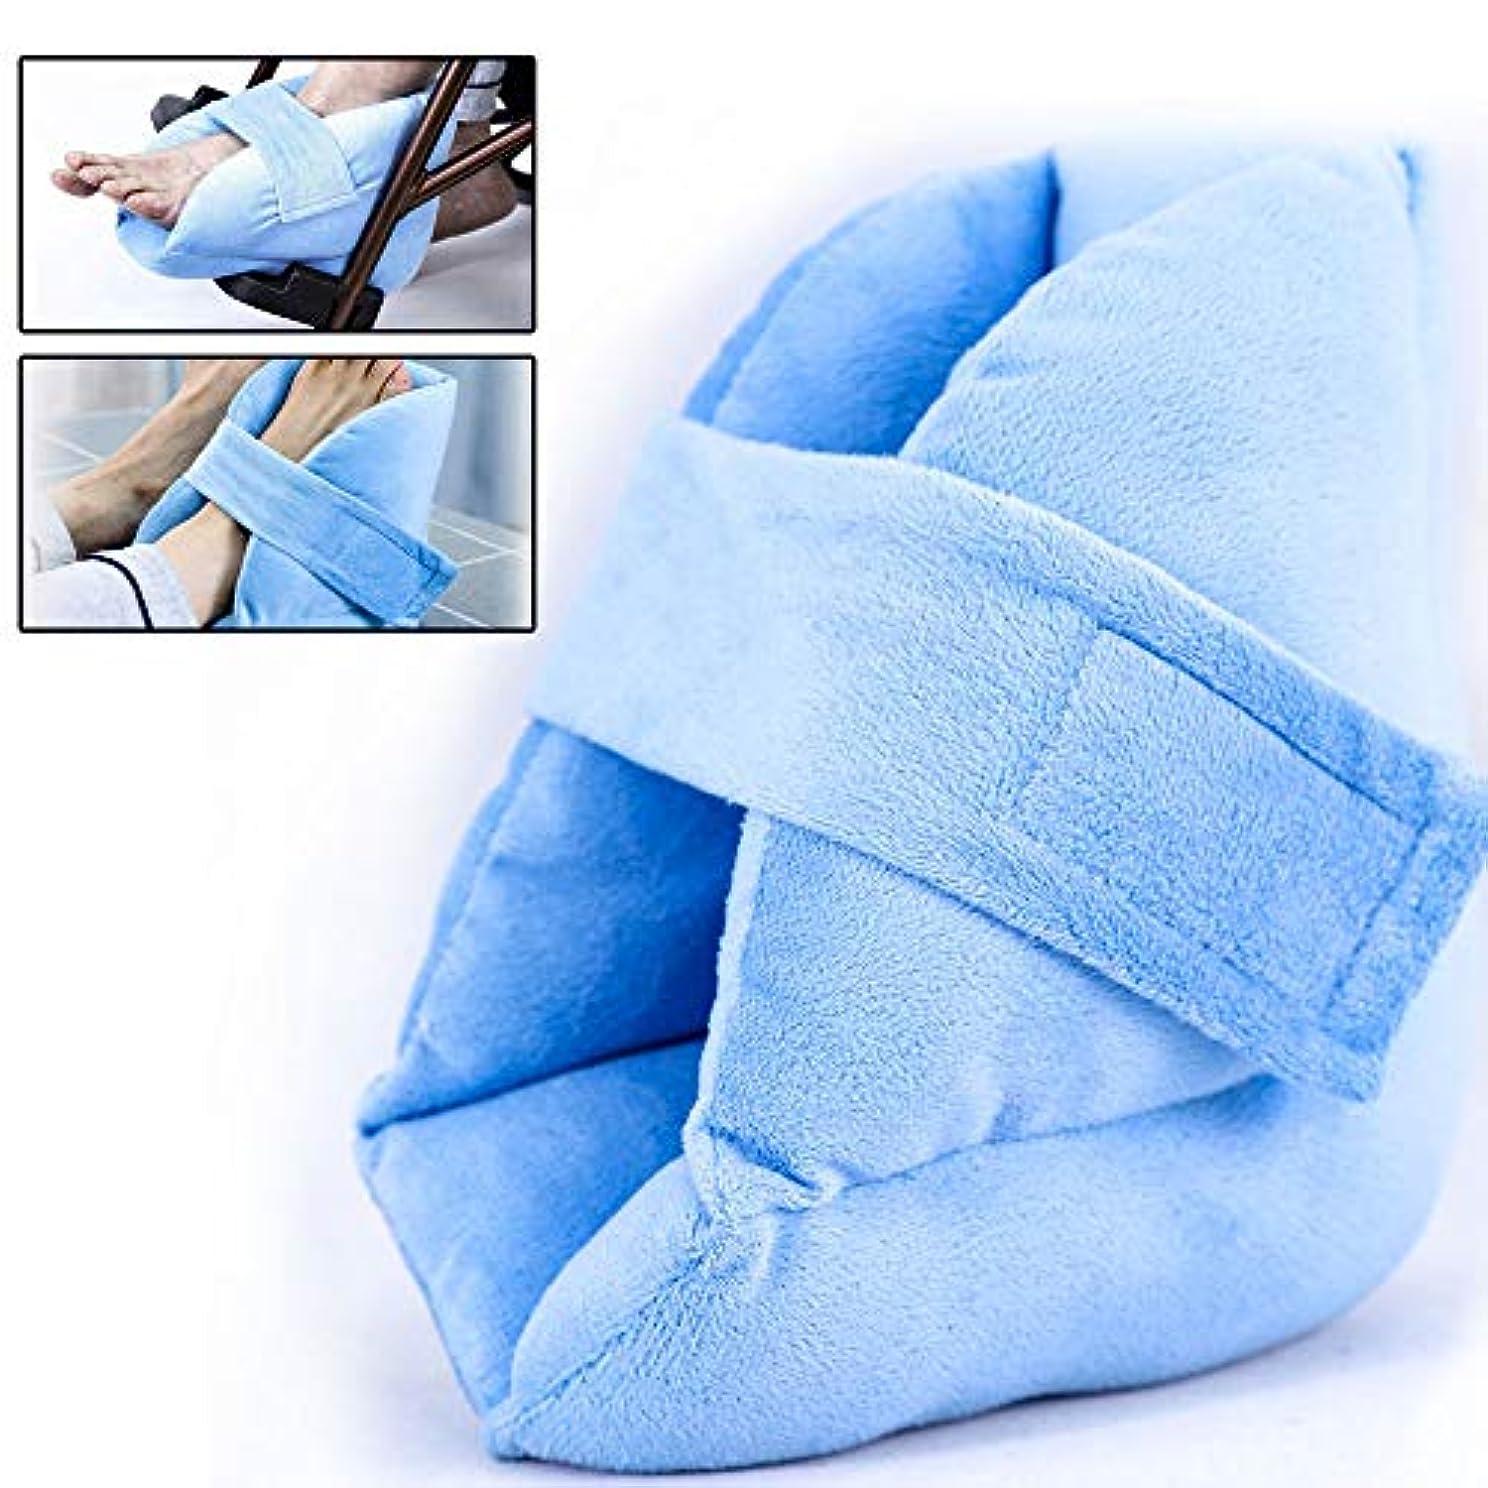 通気性スポンジ充填ヒールクッションプロテクター - 足首プロテクター枕 褥瘡とかかとの潰瘍の軽減のため,1Pcs